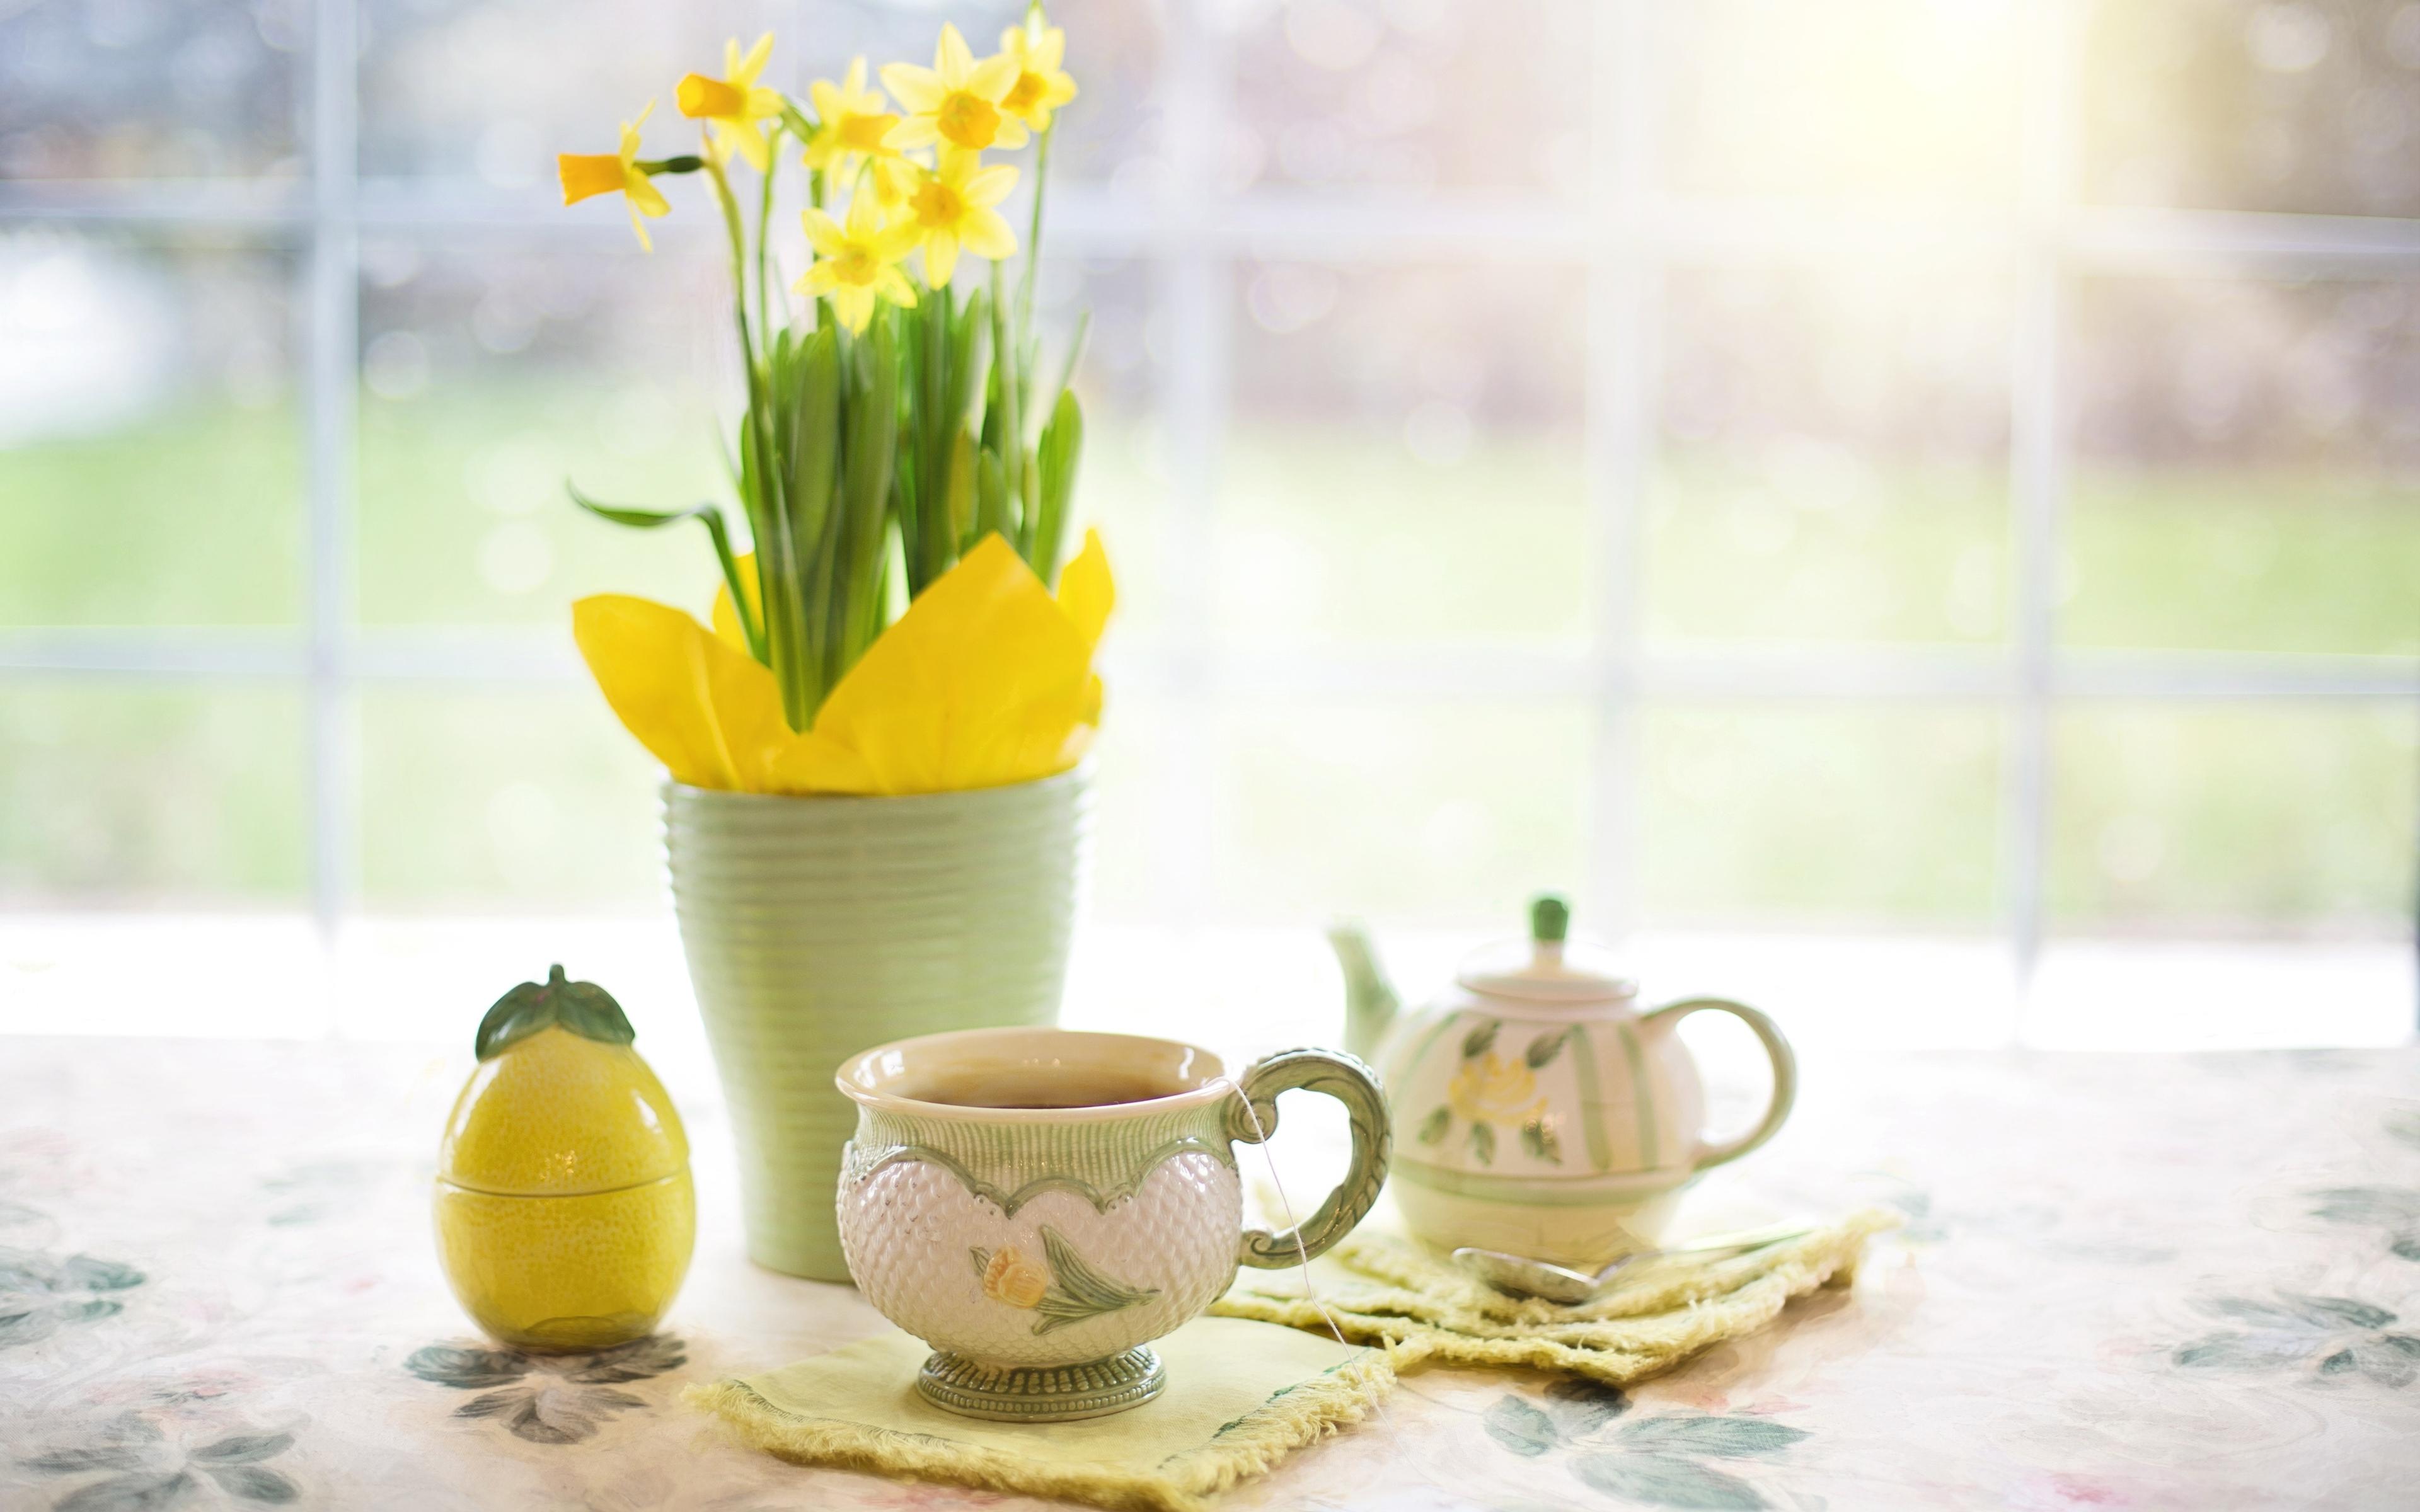 Доброе утро картинки с цветами весенние, открытки днем рождения